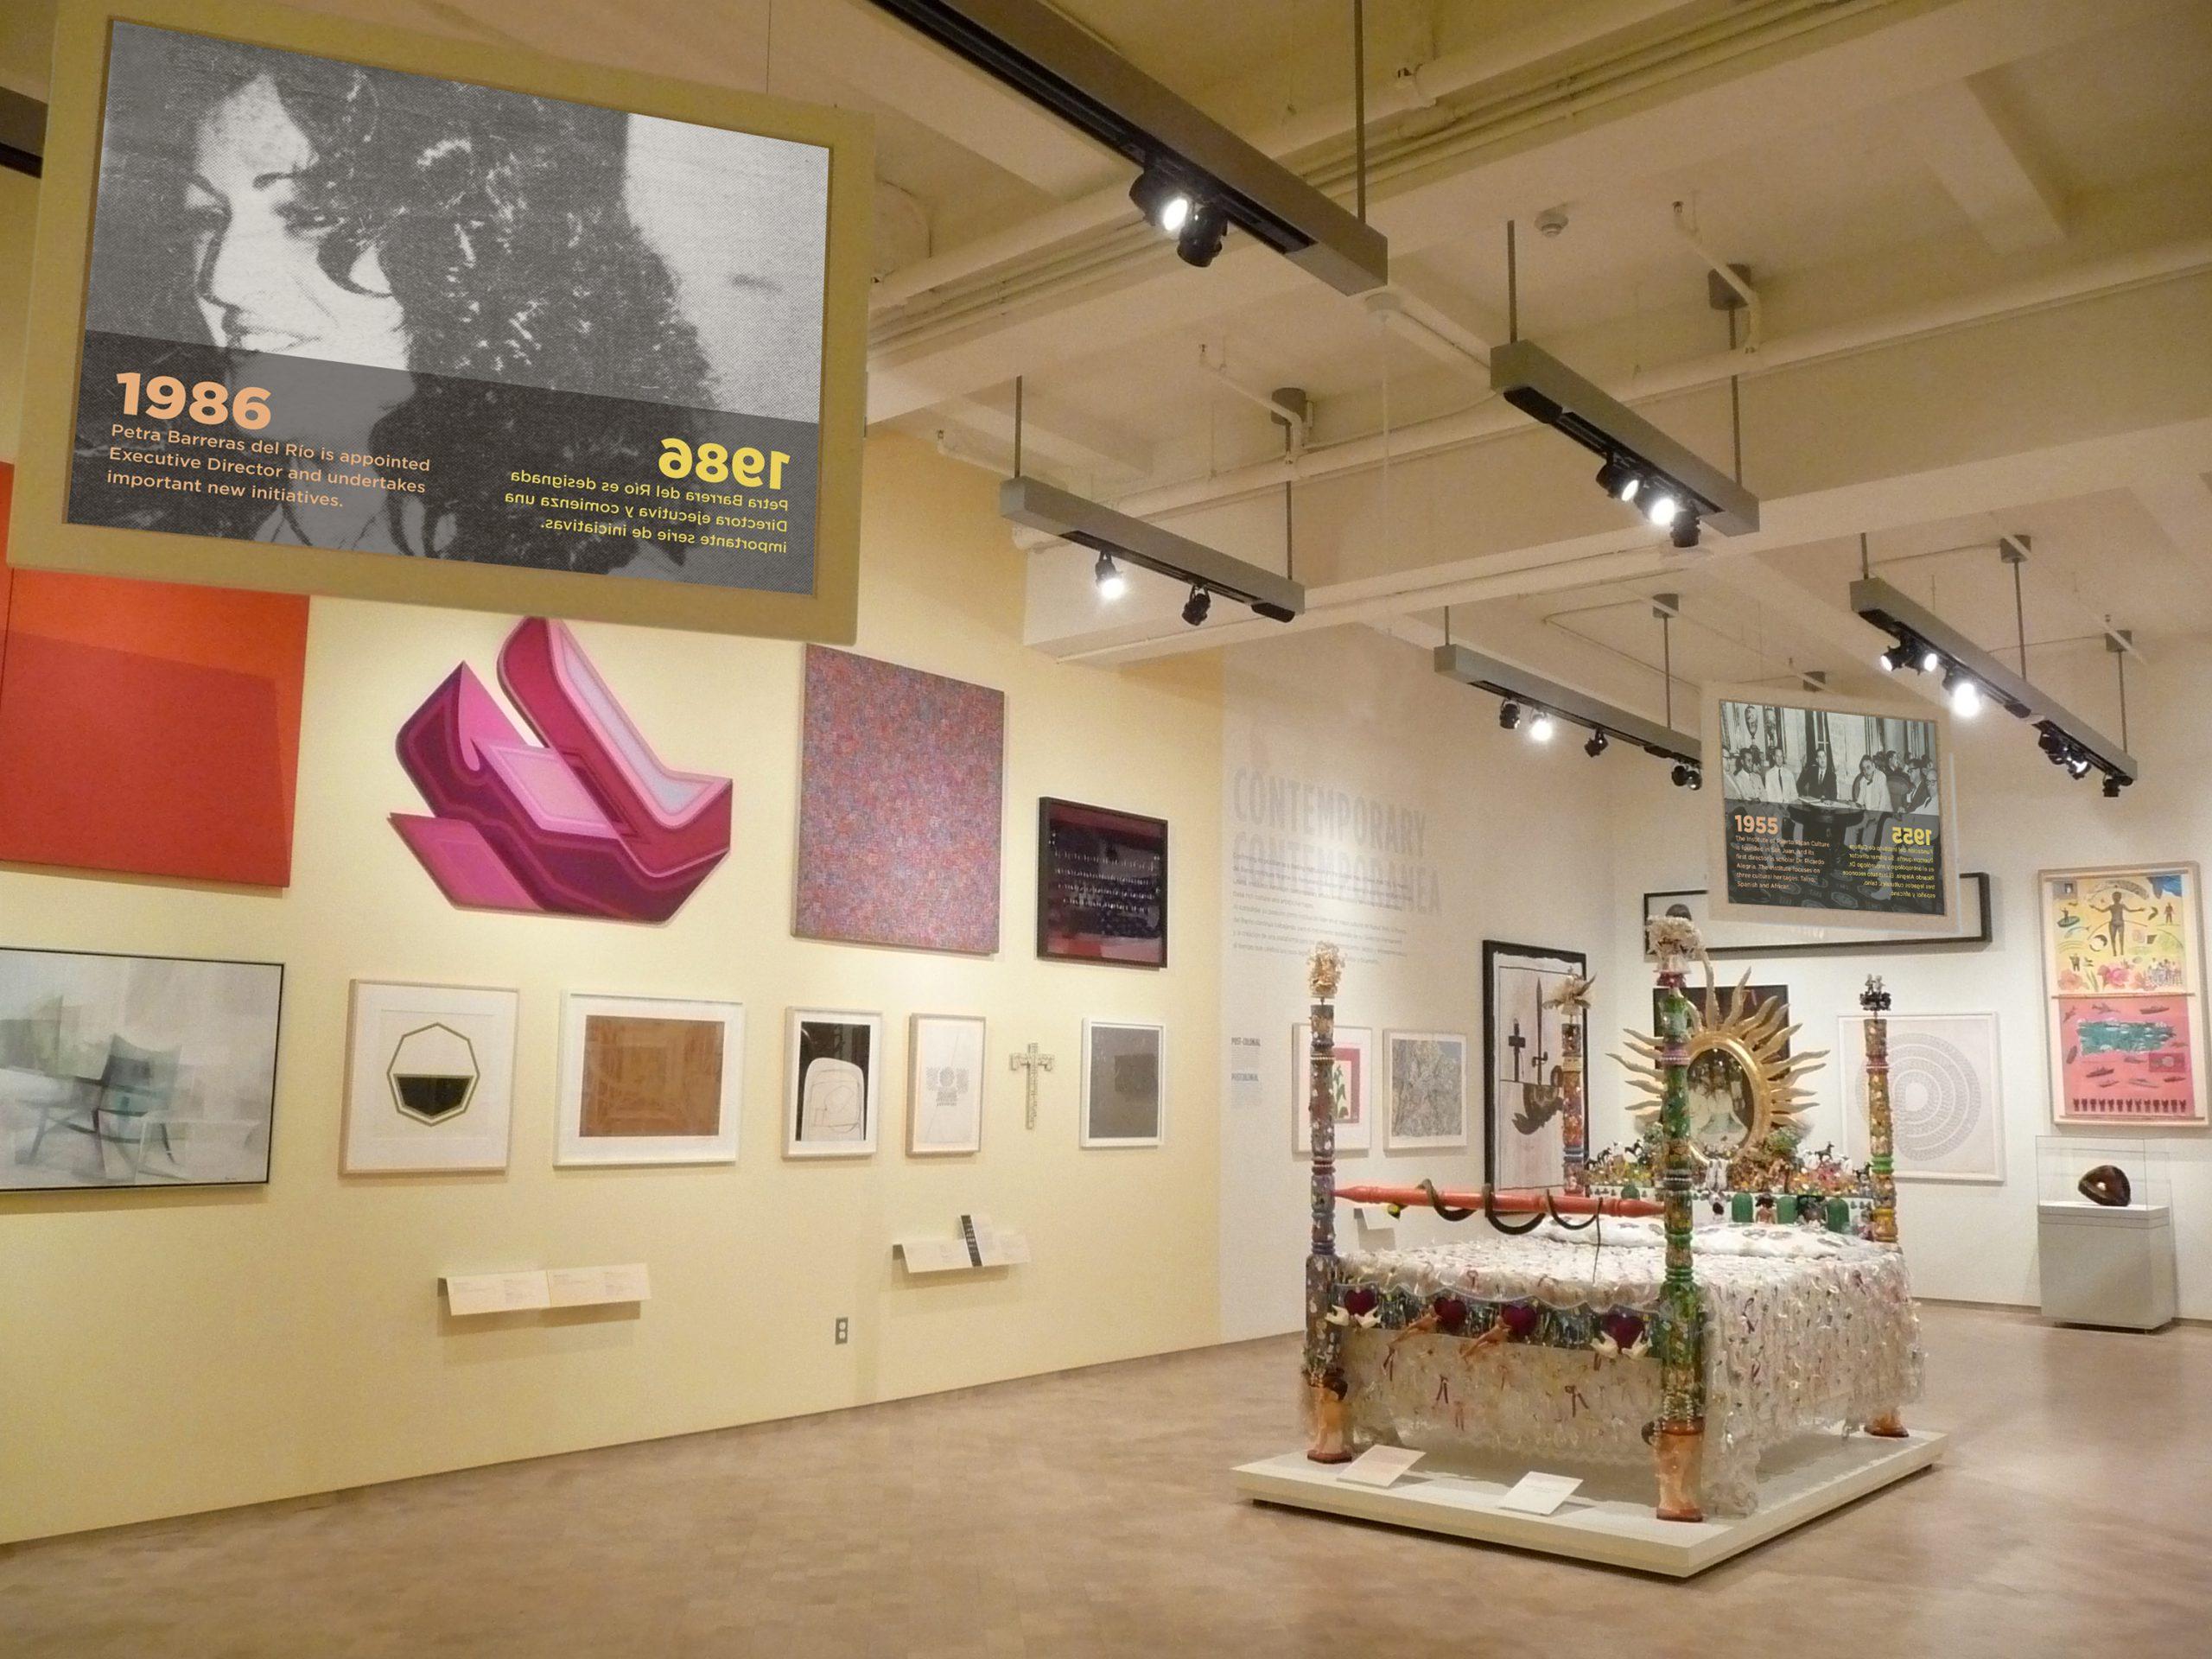 Project image 3 for Permanent Exhibits, El Museo del Barrio